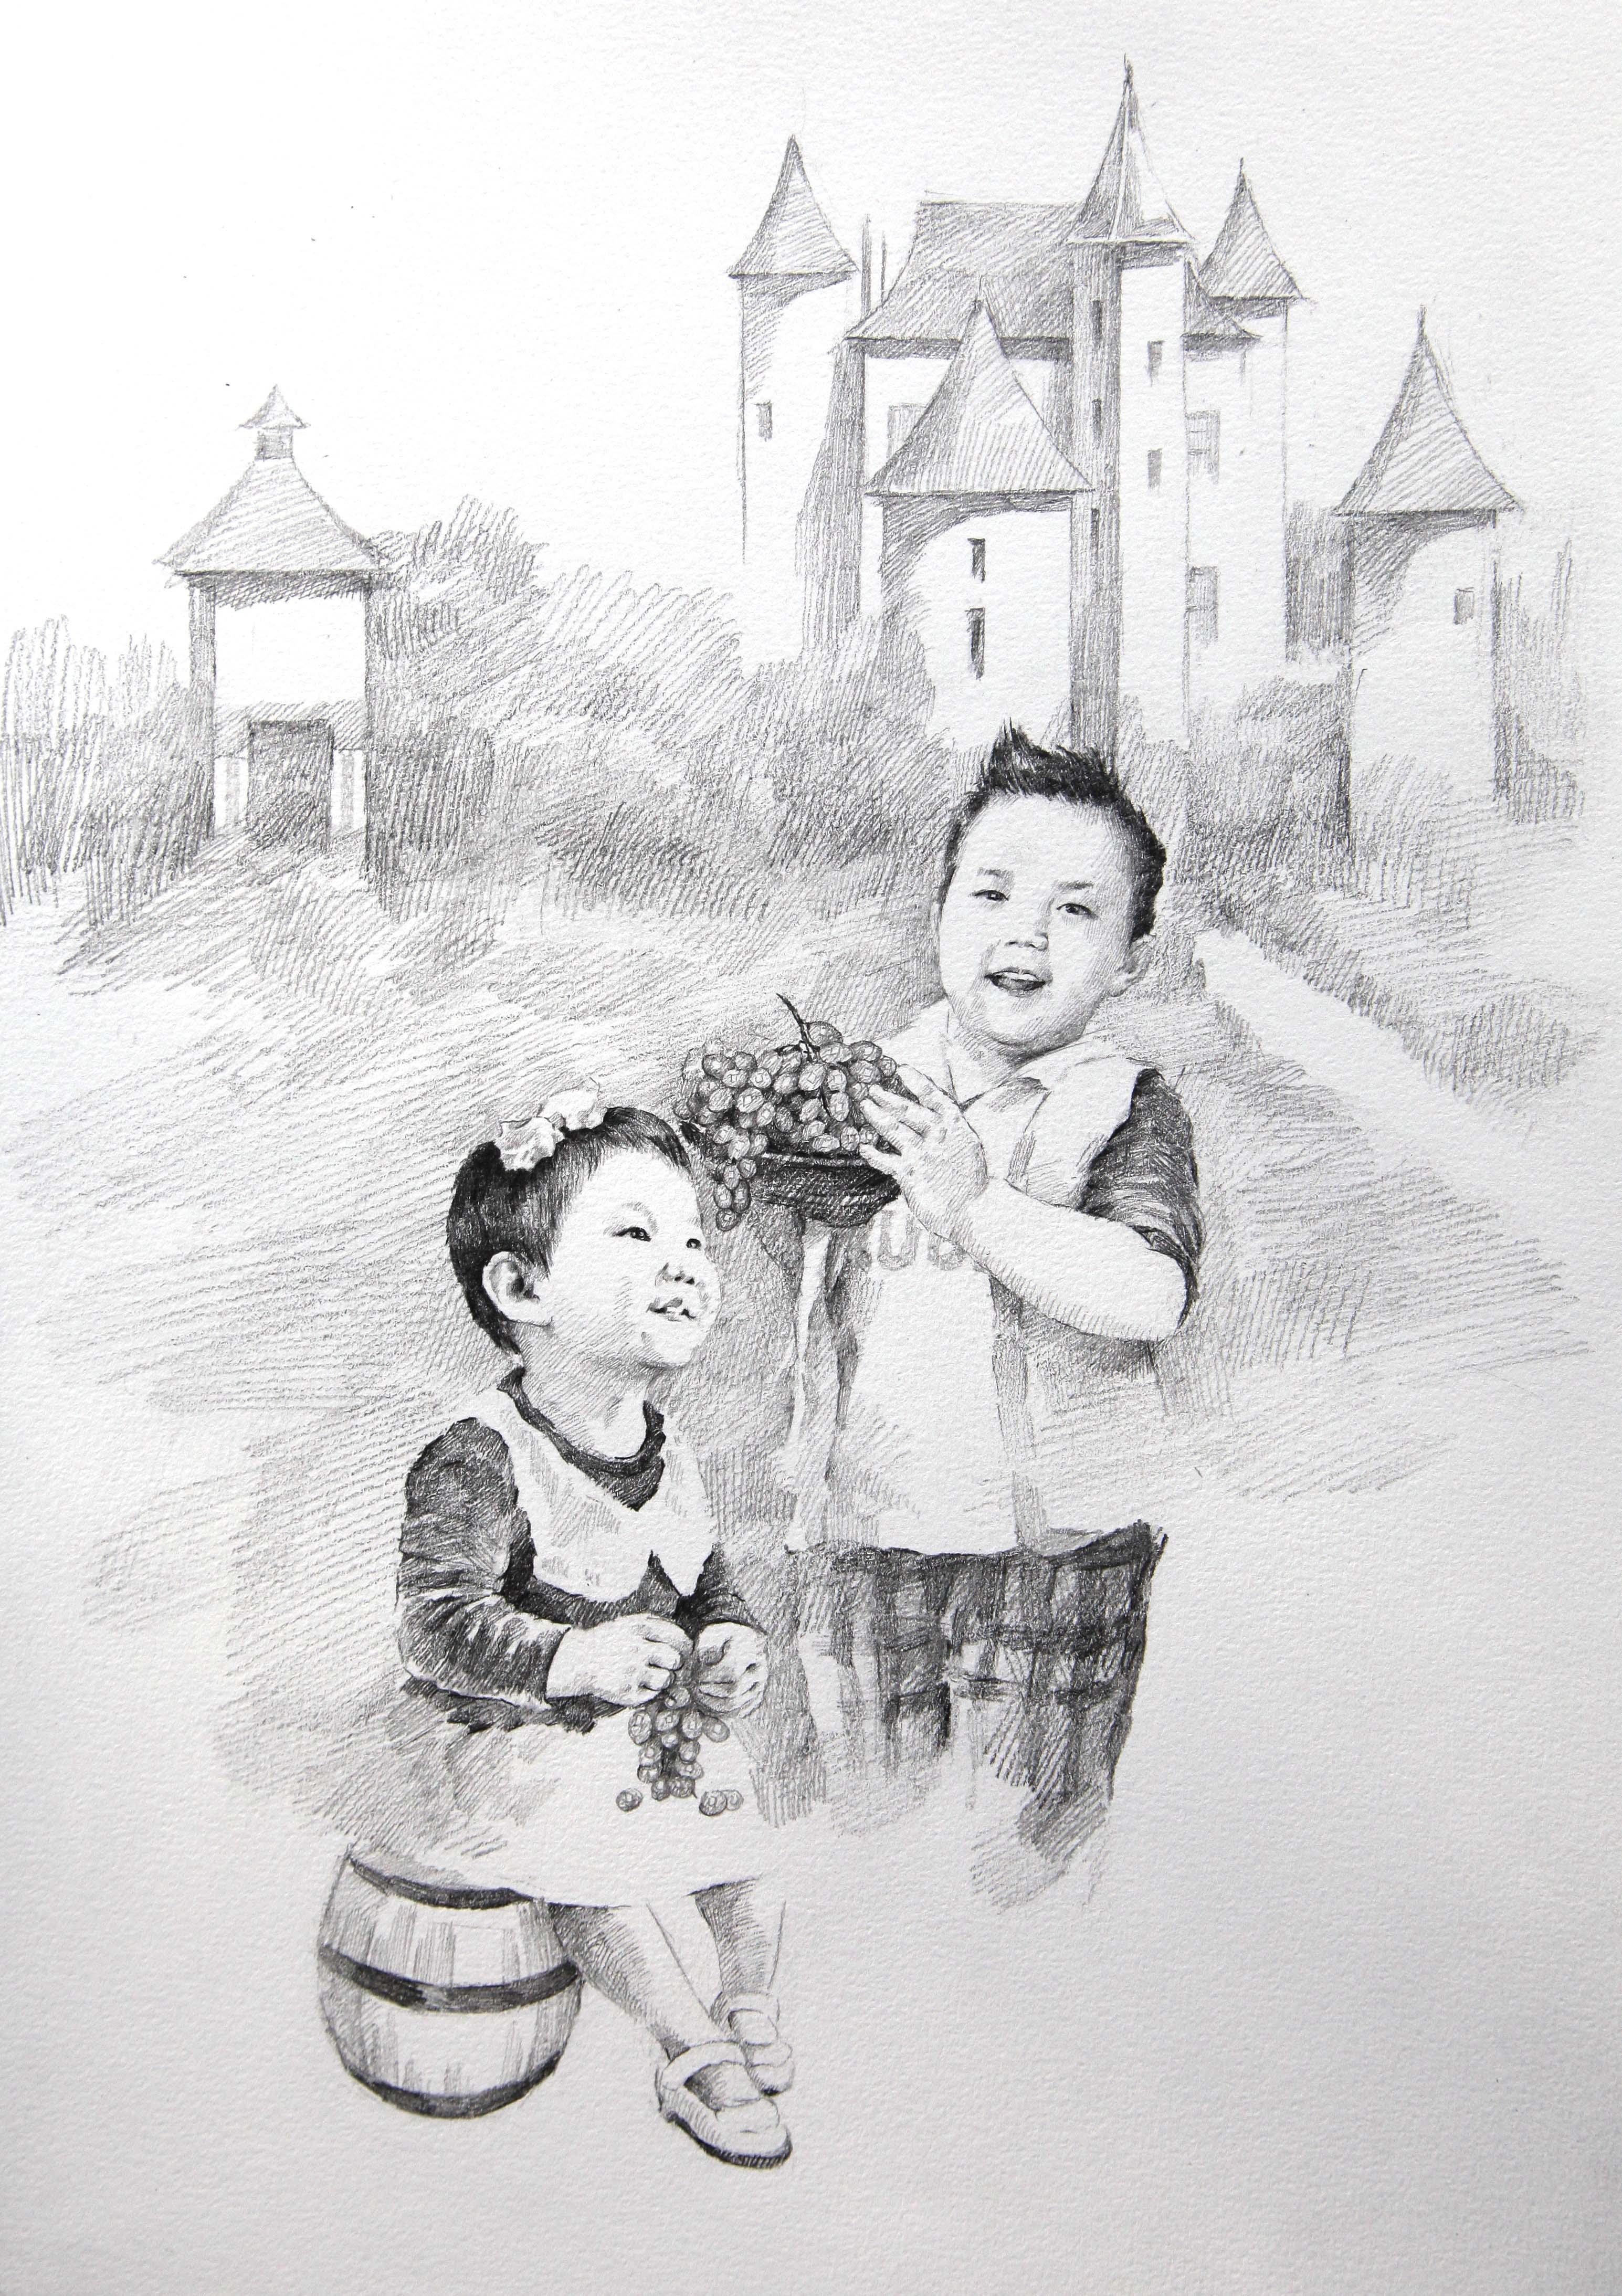 简笔画 手绘 素描 线稿 3090_4374 竖版 竖屏